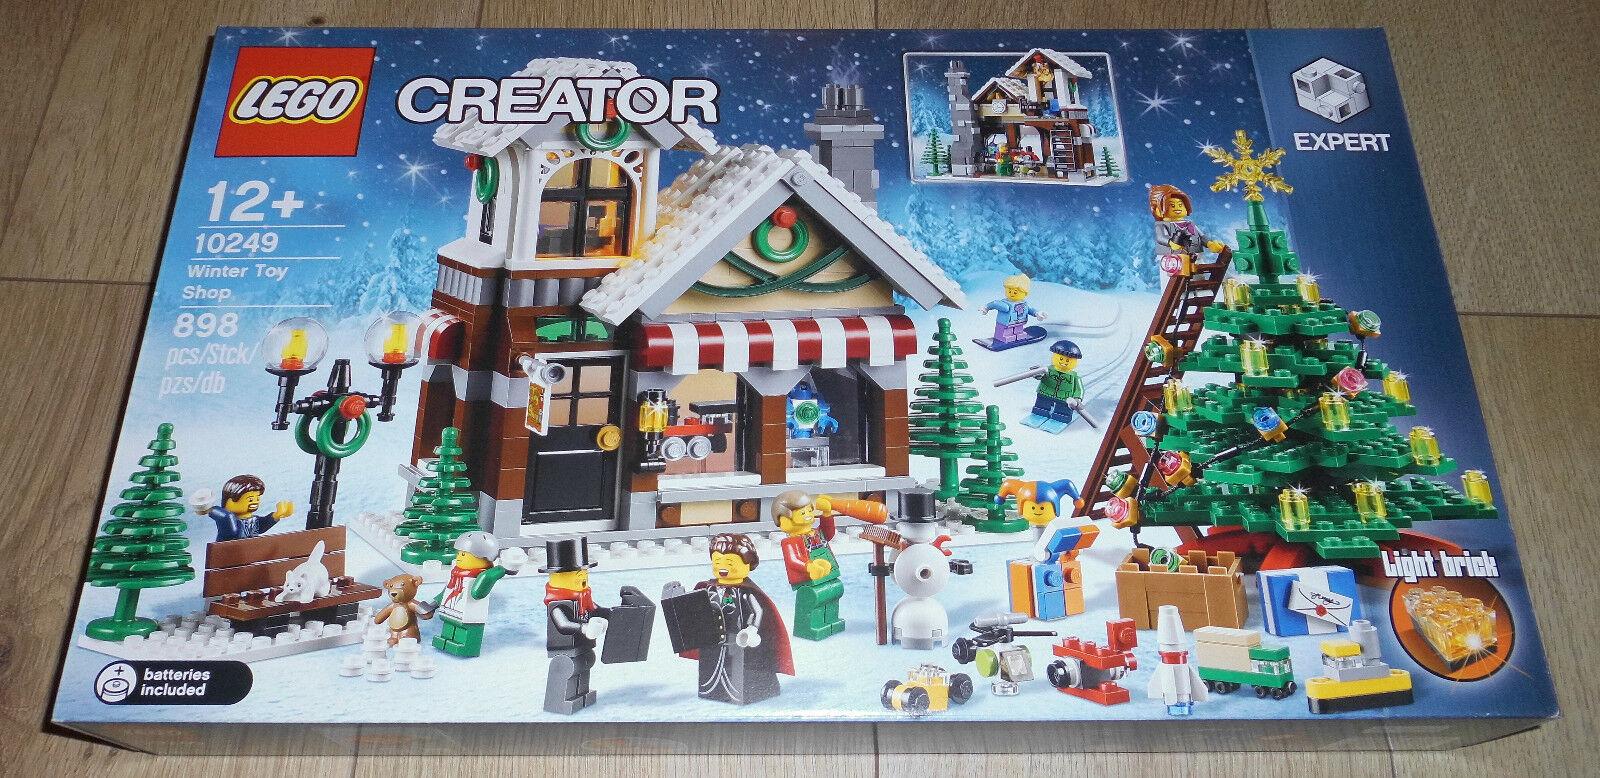 Noël est plein de joie LEGO Creator 10249 10249 10249 +++ de Noël Jouets +++ NEUF +++ 76f9ac